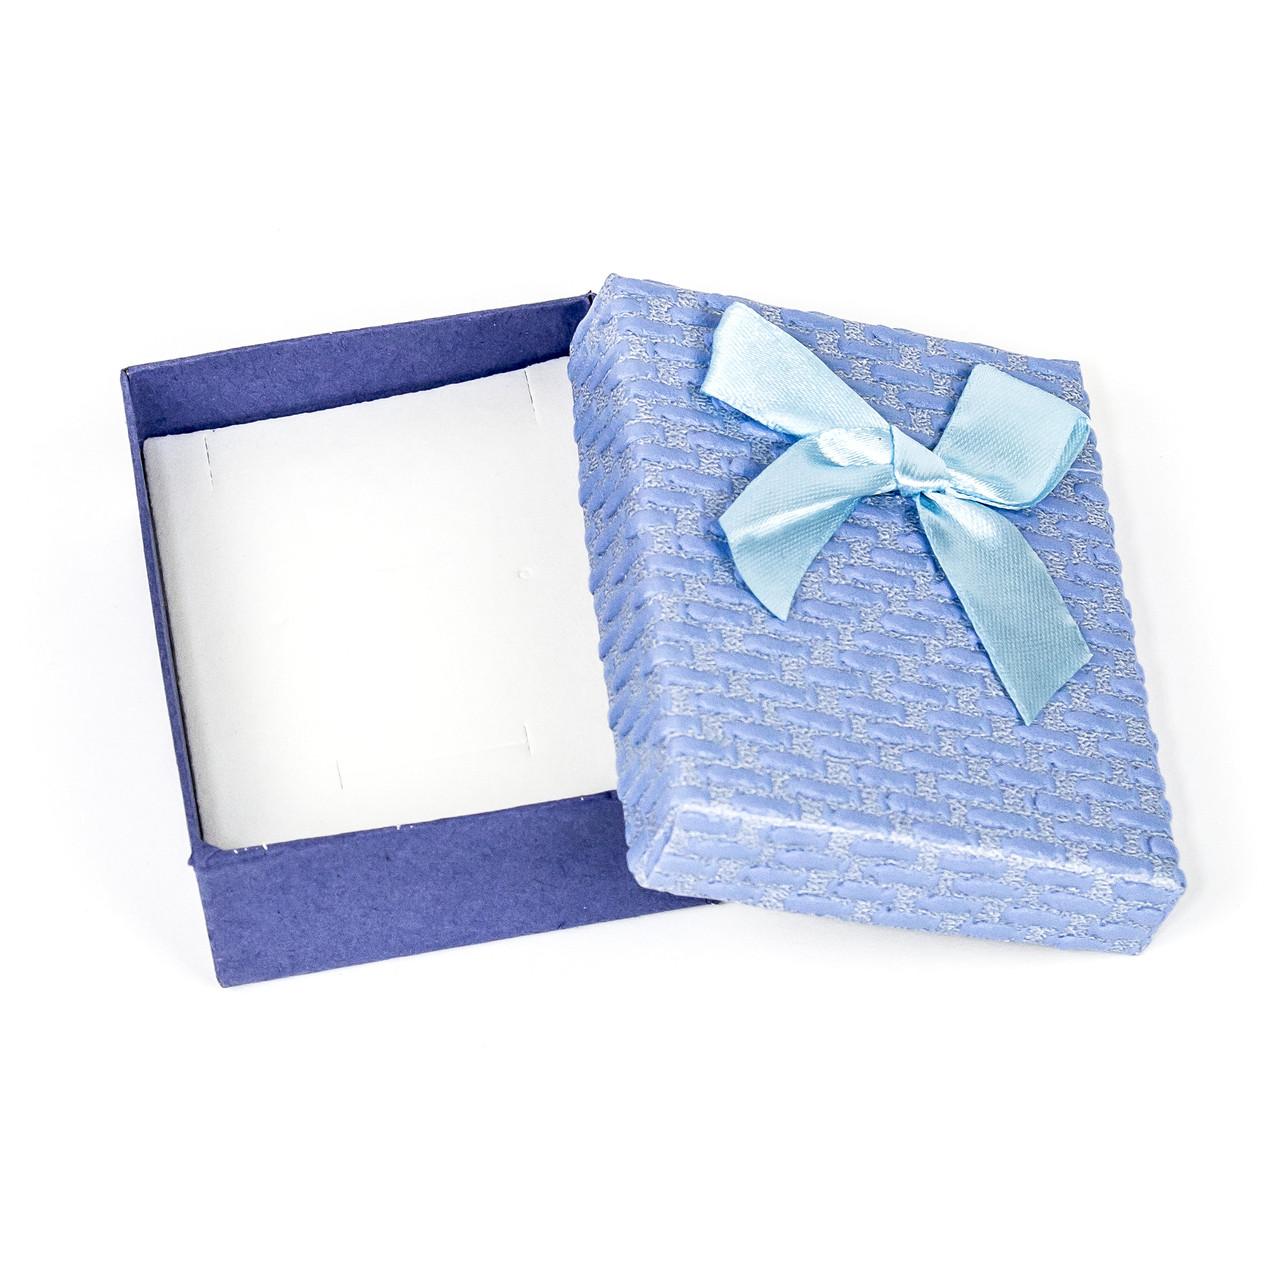 Подарочная коробка под бижутерию из фактурного картона голубая 9 х 7 х 3 см